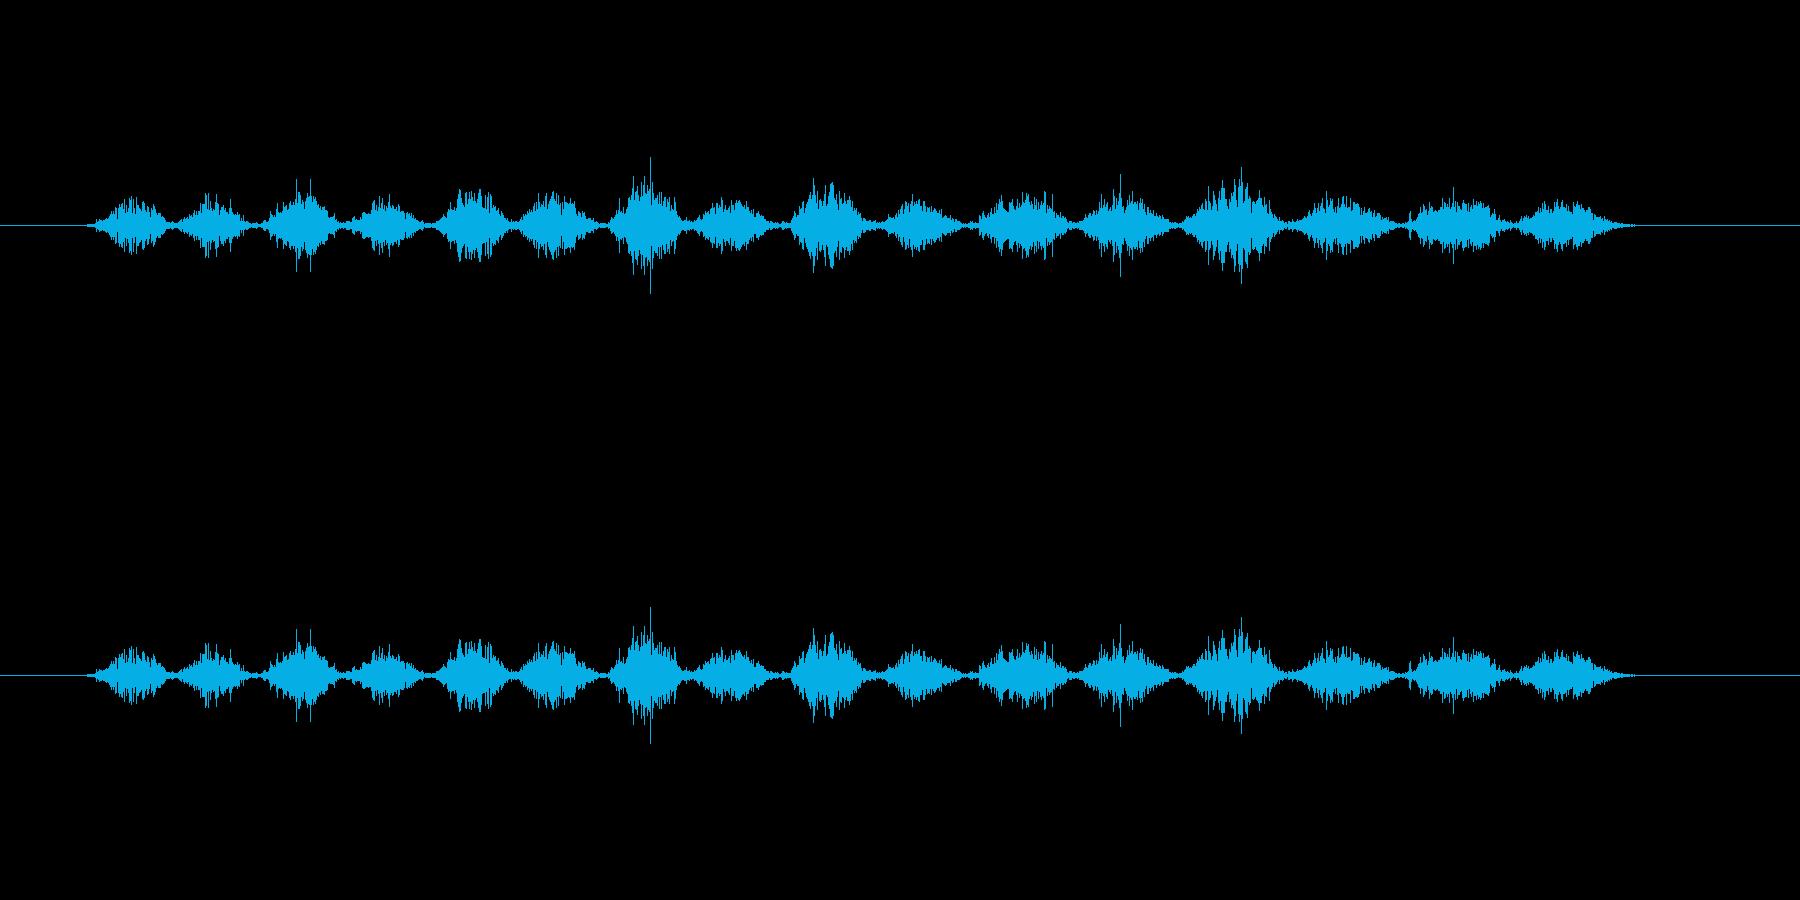 【ボールペン01-11(塗りつぶす)】の再生済みの波形